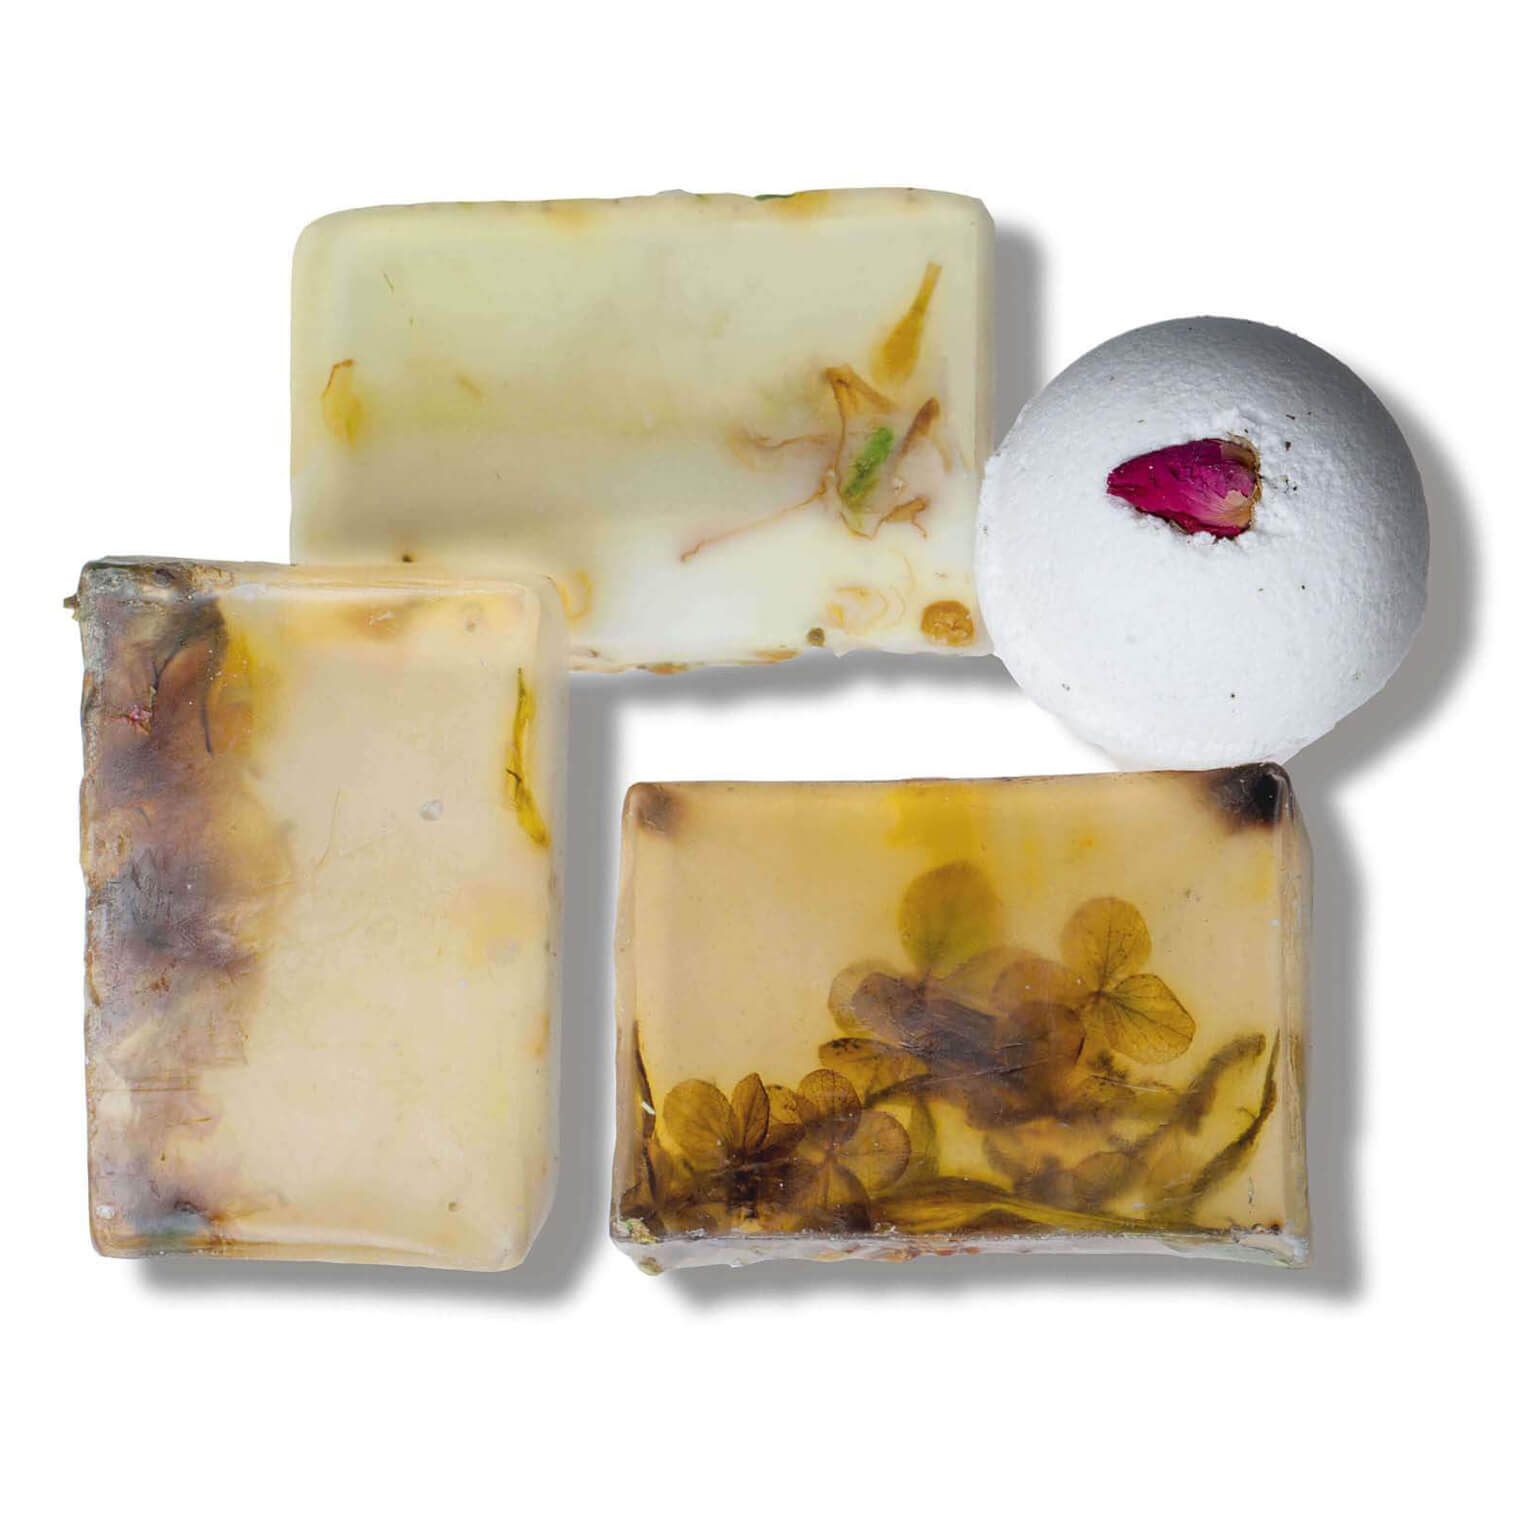 """Набор """"Афродизиак"""" из трех кусков мыла и бомбы для ванны с ароматами: имбирь, жасмин, ветивер, иланг-иланг. Разбудит чувственность и создаст романтичный настрой. Этот сет идеально подходит для подарка партнеру и внесет новые краски в уютные семейные отношения. Начните с бомбы для ванны - соблазнительный микс масел жасмина и иланг-иланга дополнен бутоном розы, который спрятан внутри бомбы, продолжите незабываемый вечер с шелковистой ароматной пеной любого мыла из сета."""